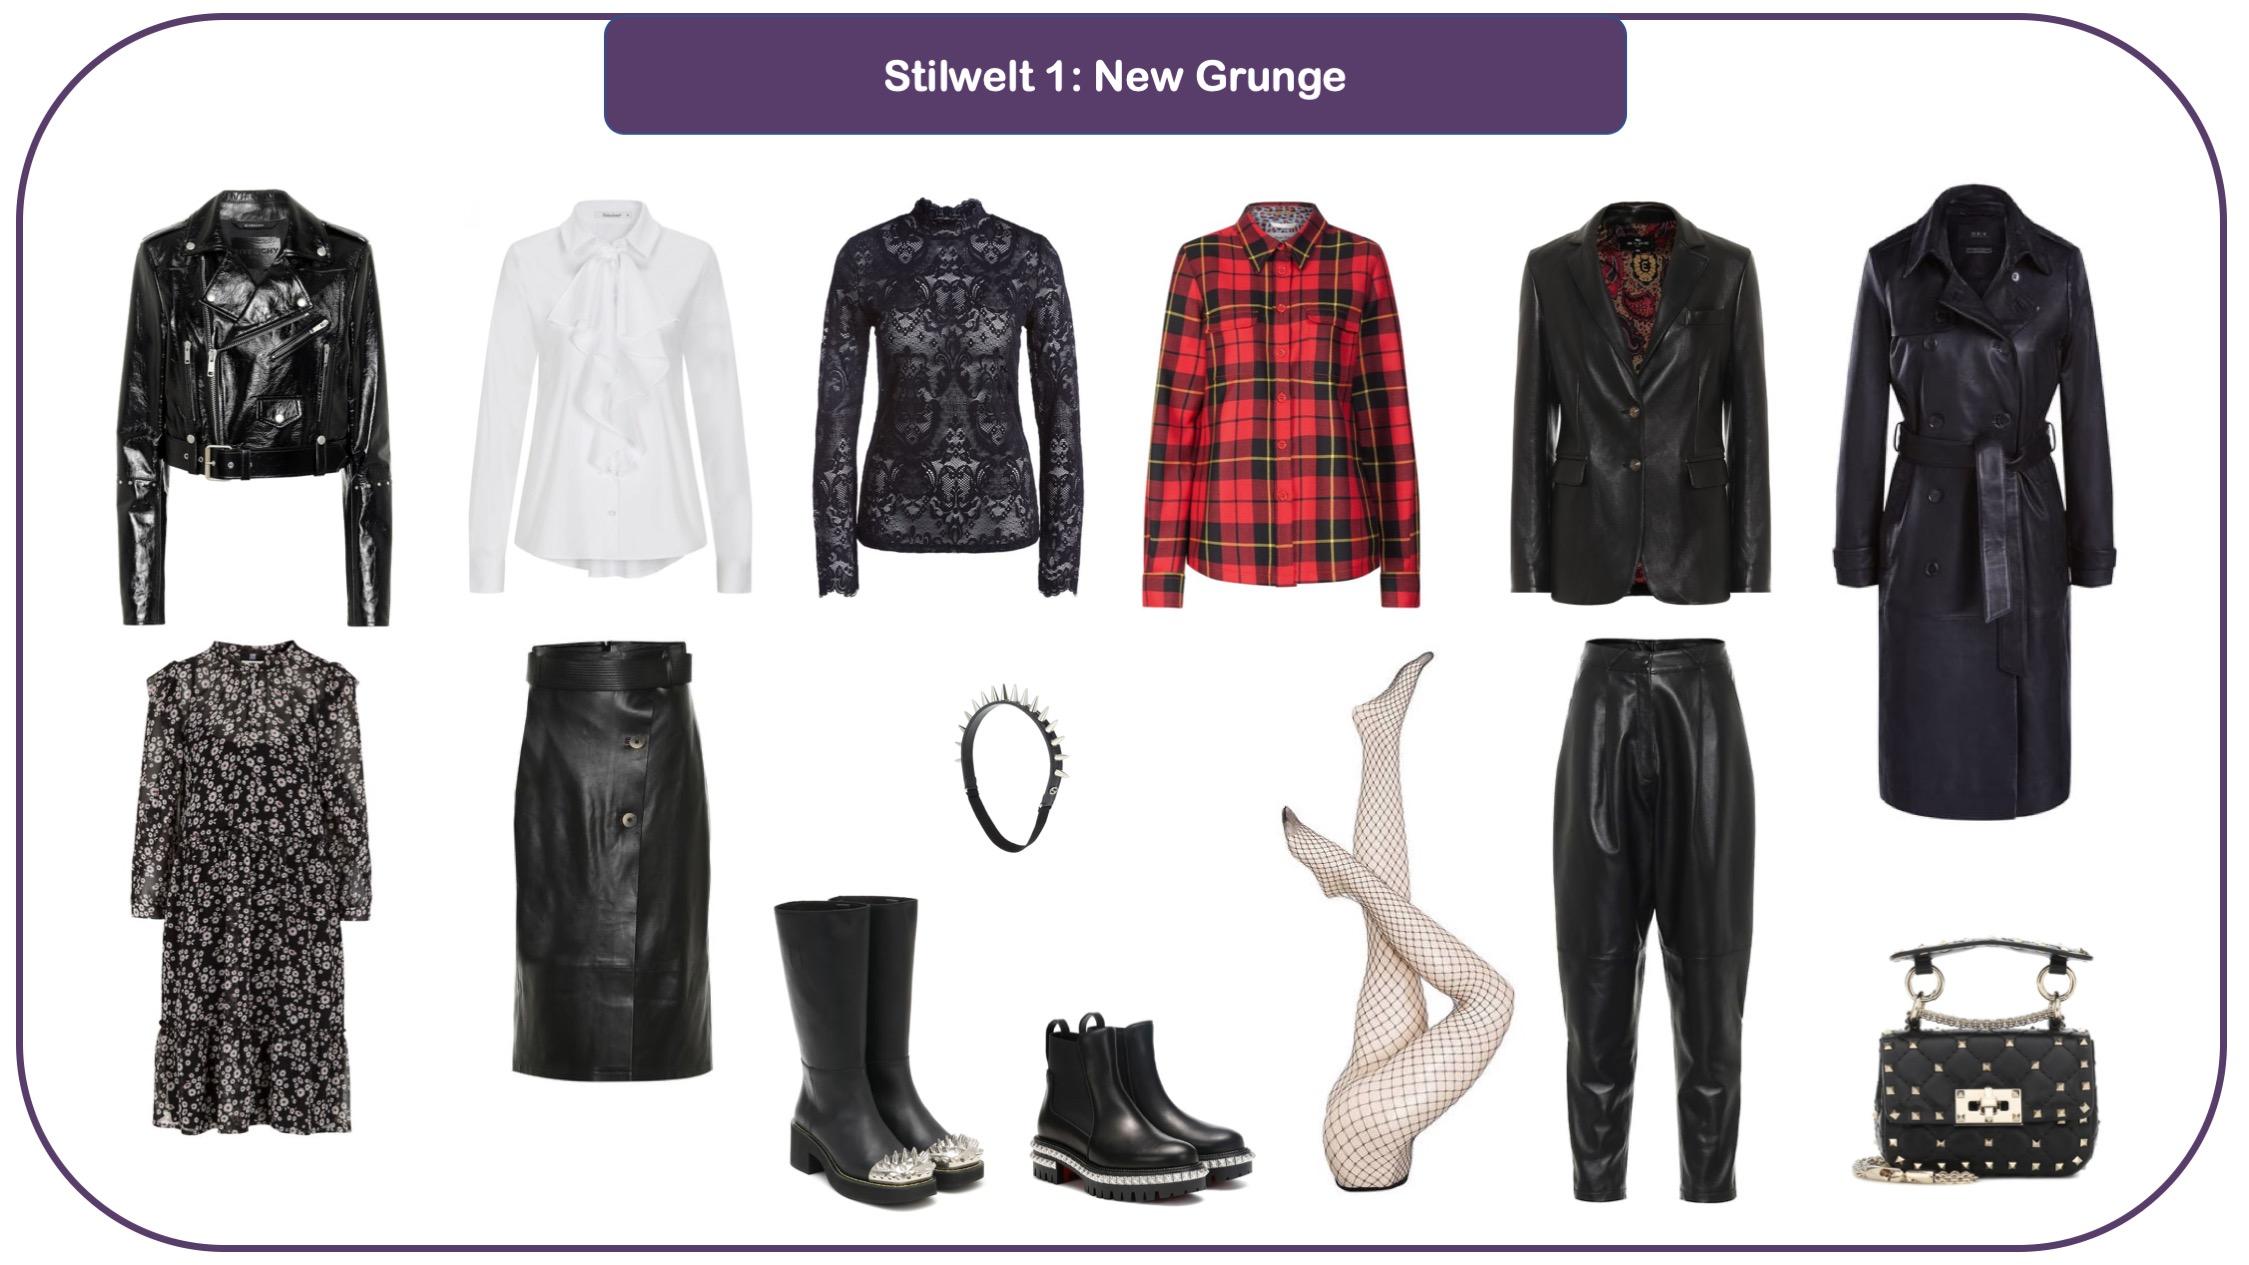 Modetrends für Herbst und Winter 20/21 - Stilwelt Grunge